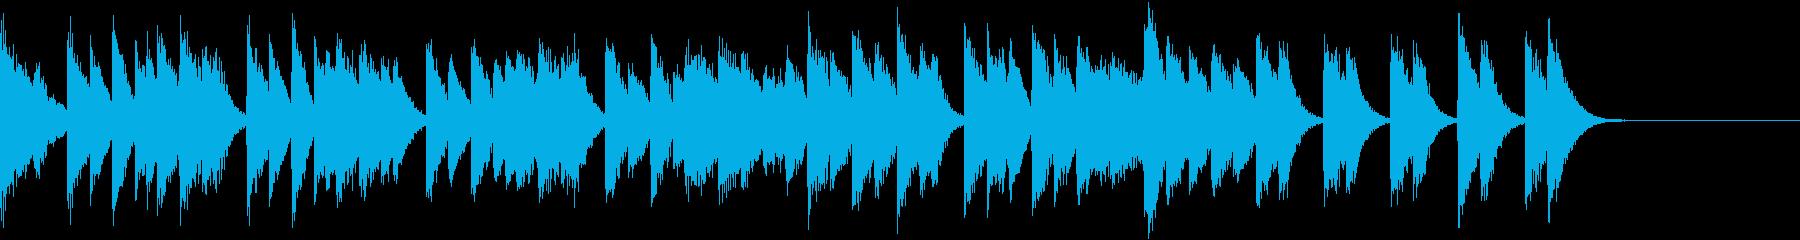 オクターブが華やかな熱いピアノジングルの再生済みの波形